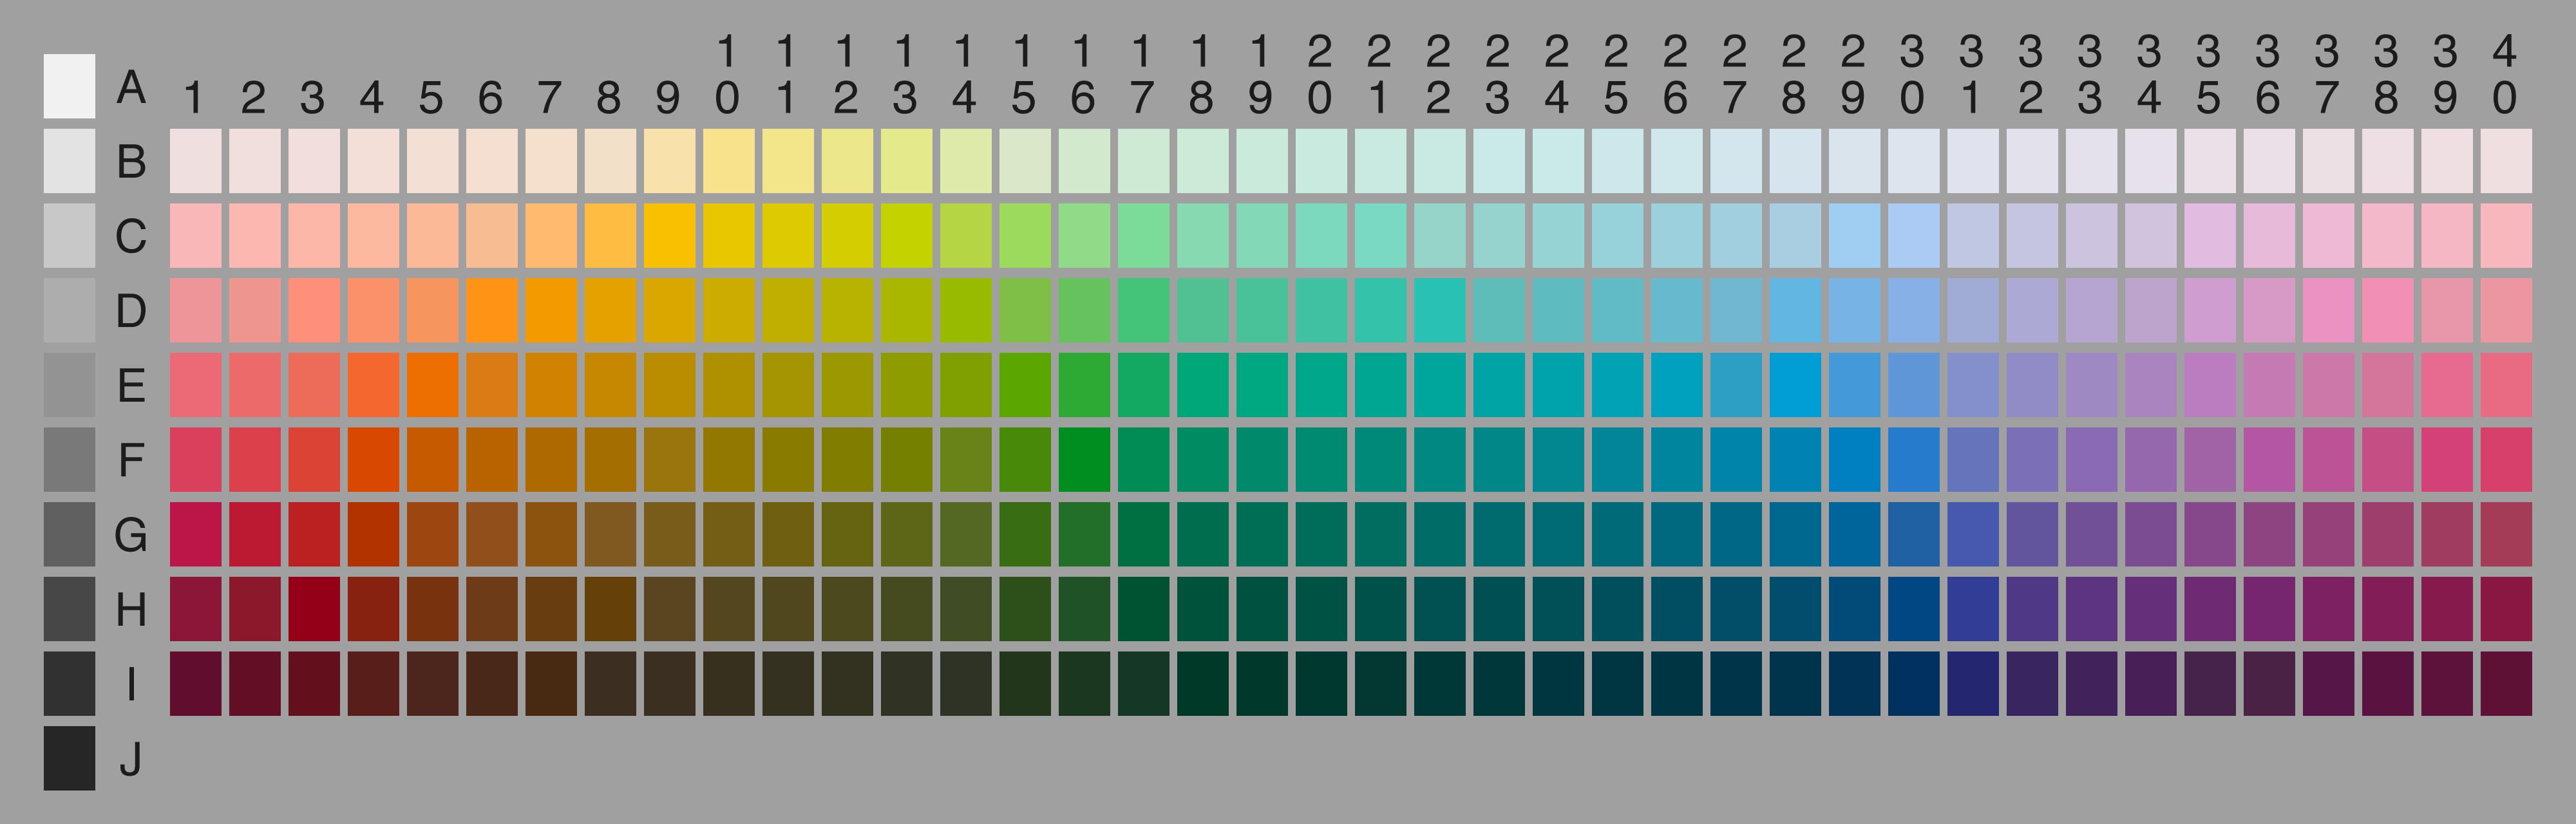 wcs-chart-4x